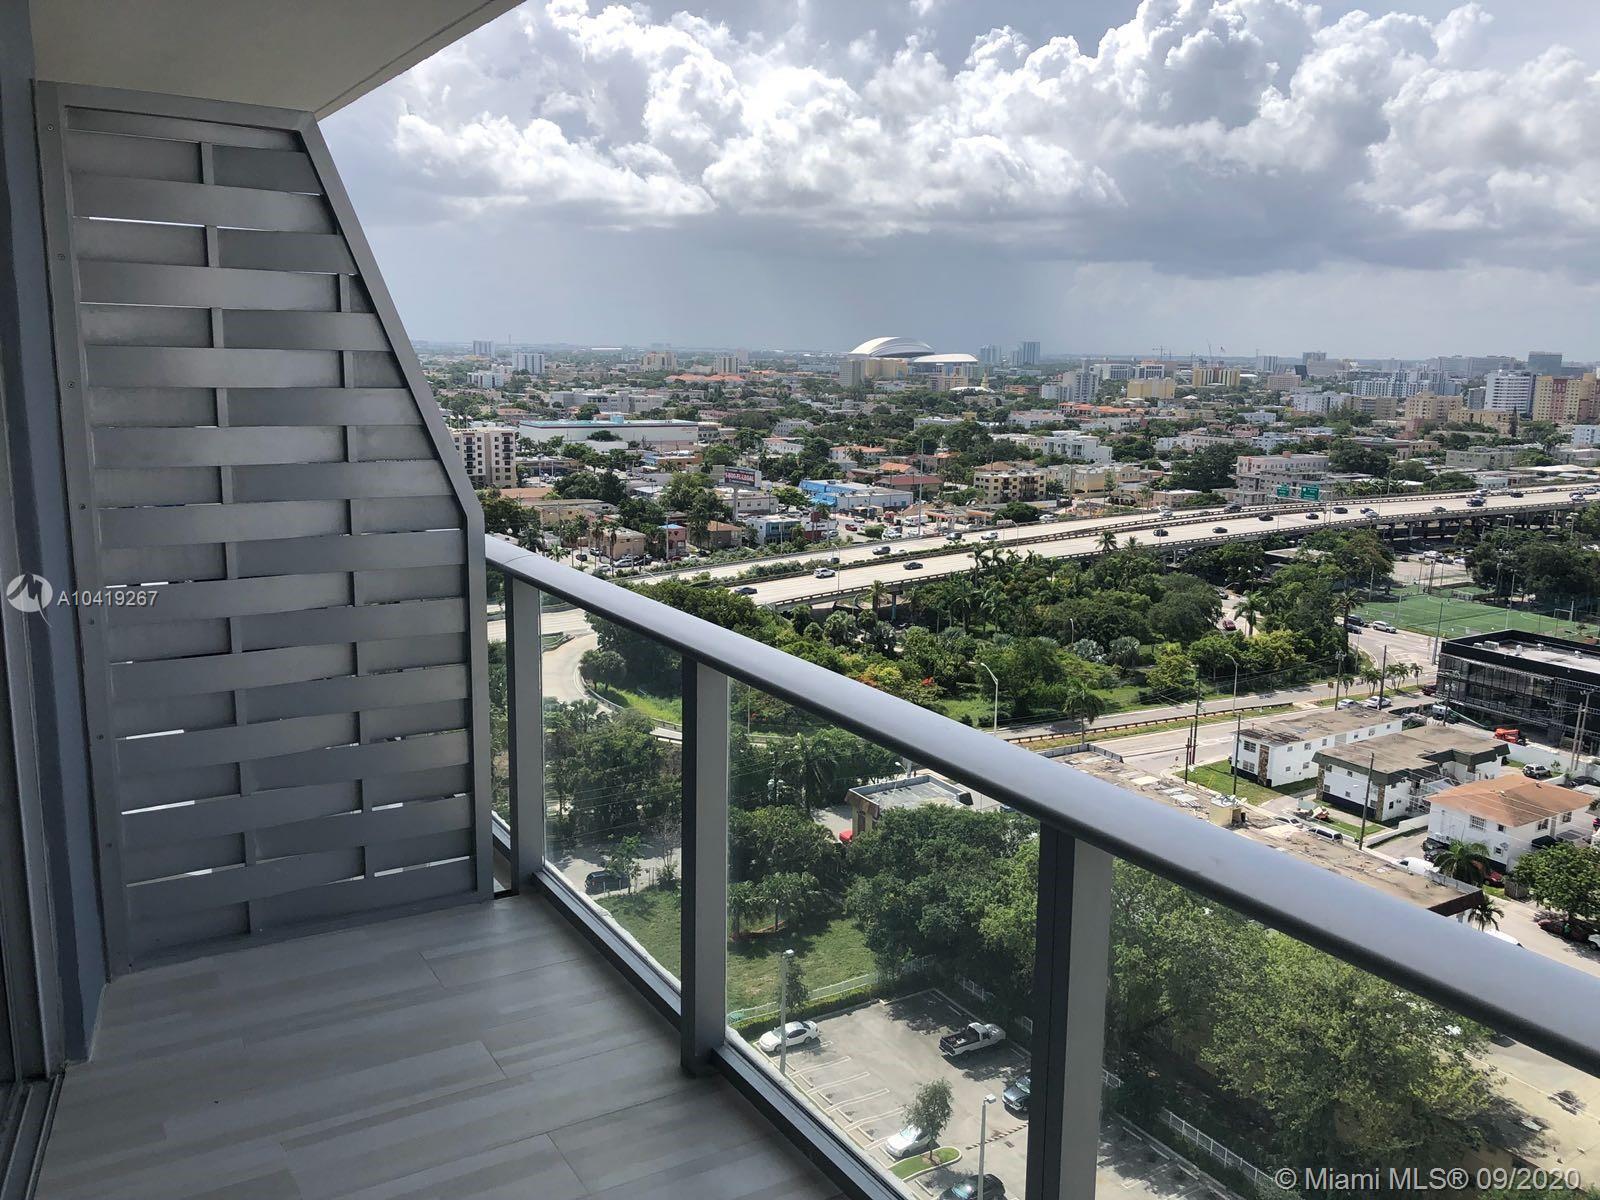 1010 SW 2nd Avenue, Miami, FL 33130, Brickell Ten #1801, Brickell, Miami A10419267 image #4